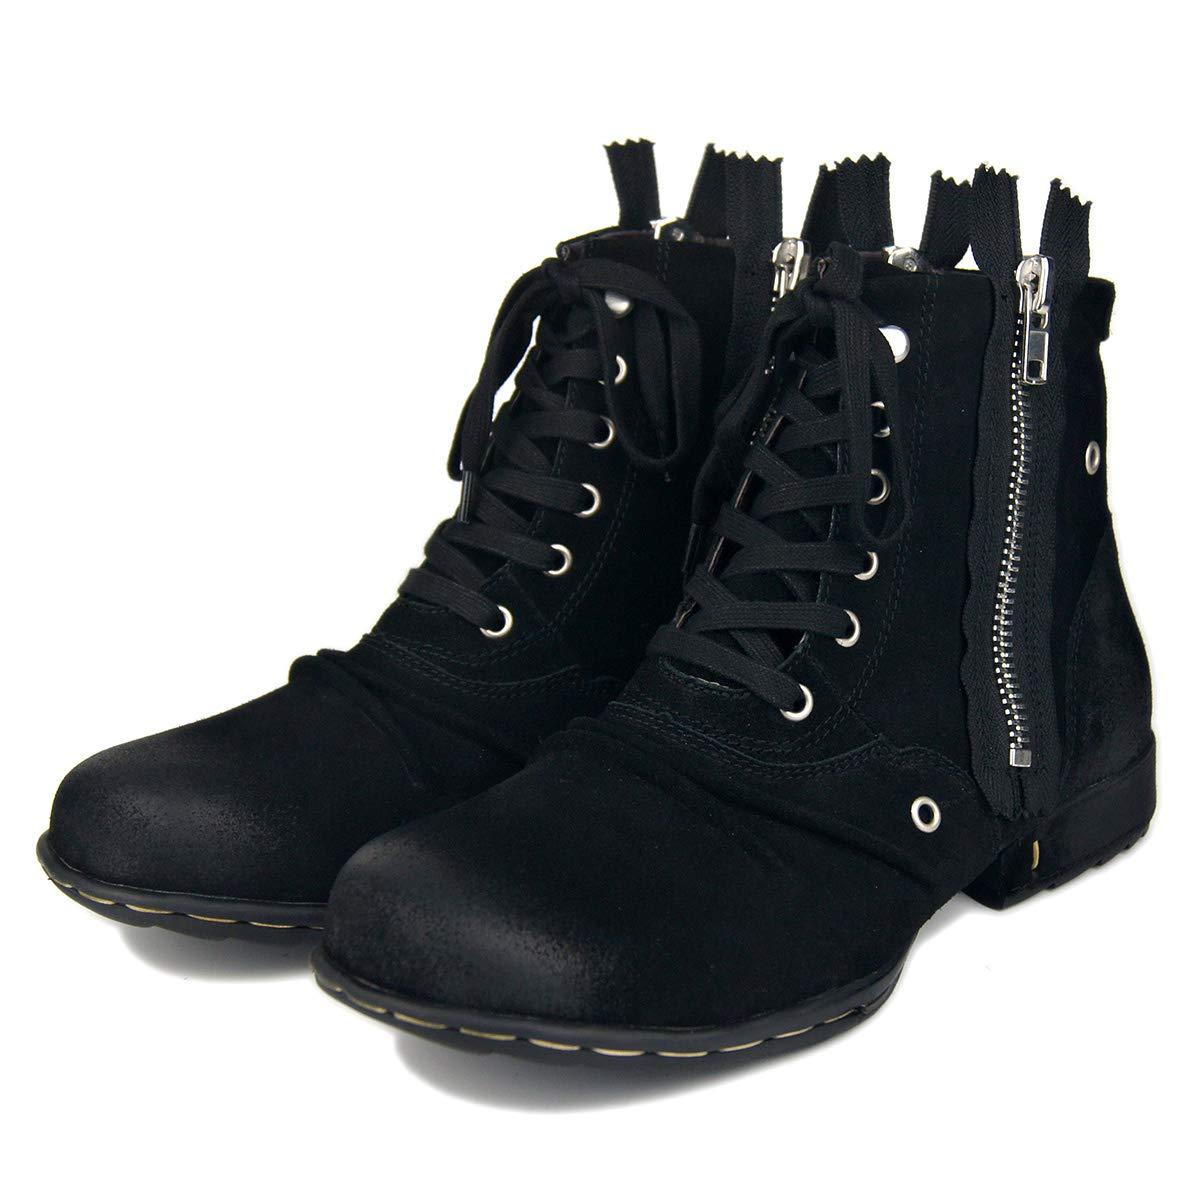 Shoe house Les Hommes de la Robe Confortable Chaussures Chaussures Confortable en Cuir Daim Bottines Robe Classique Bottes Oxford,A,US9.5=EU43.5 fc29f3